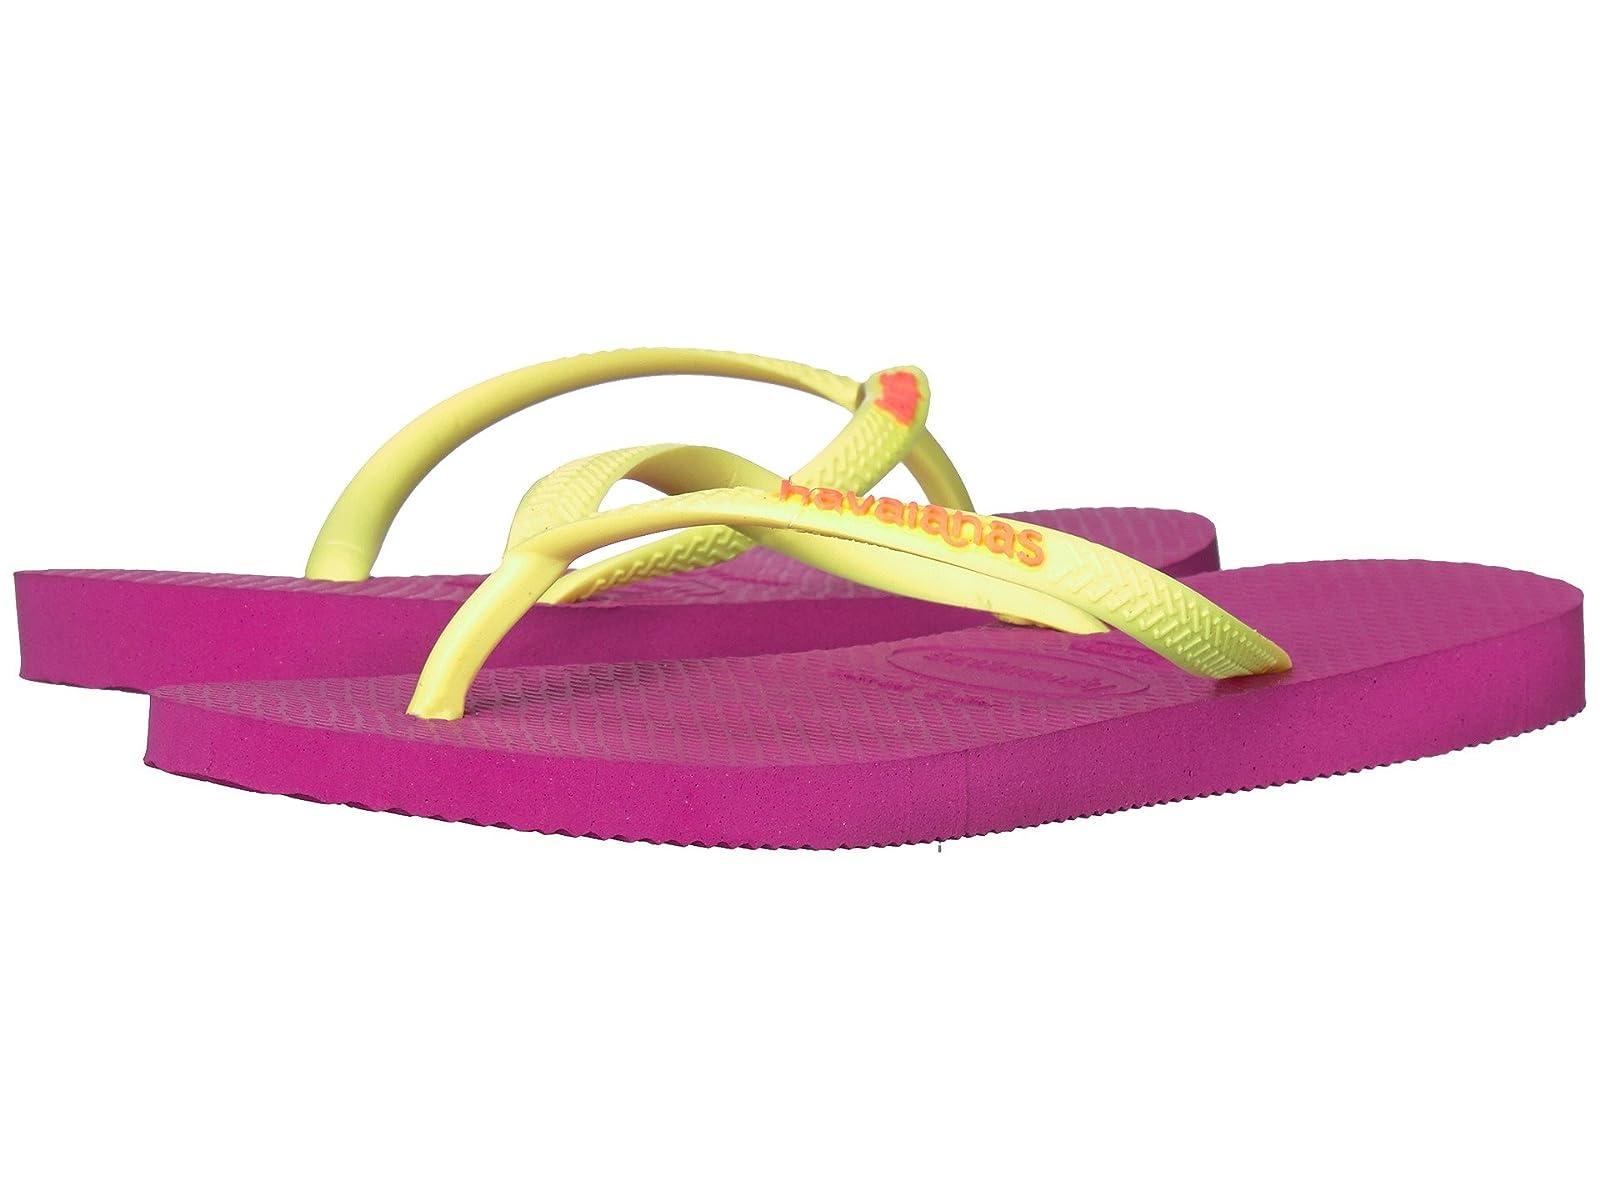 Havaianas Kids Slim Logo Pop-Up Flip Flops (Toddler/Little Kid/Big Kid)Atmospheric grades have affordable shoes